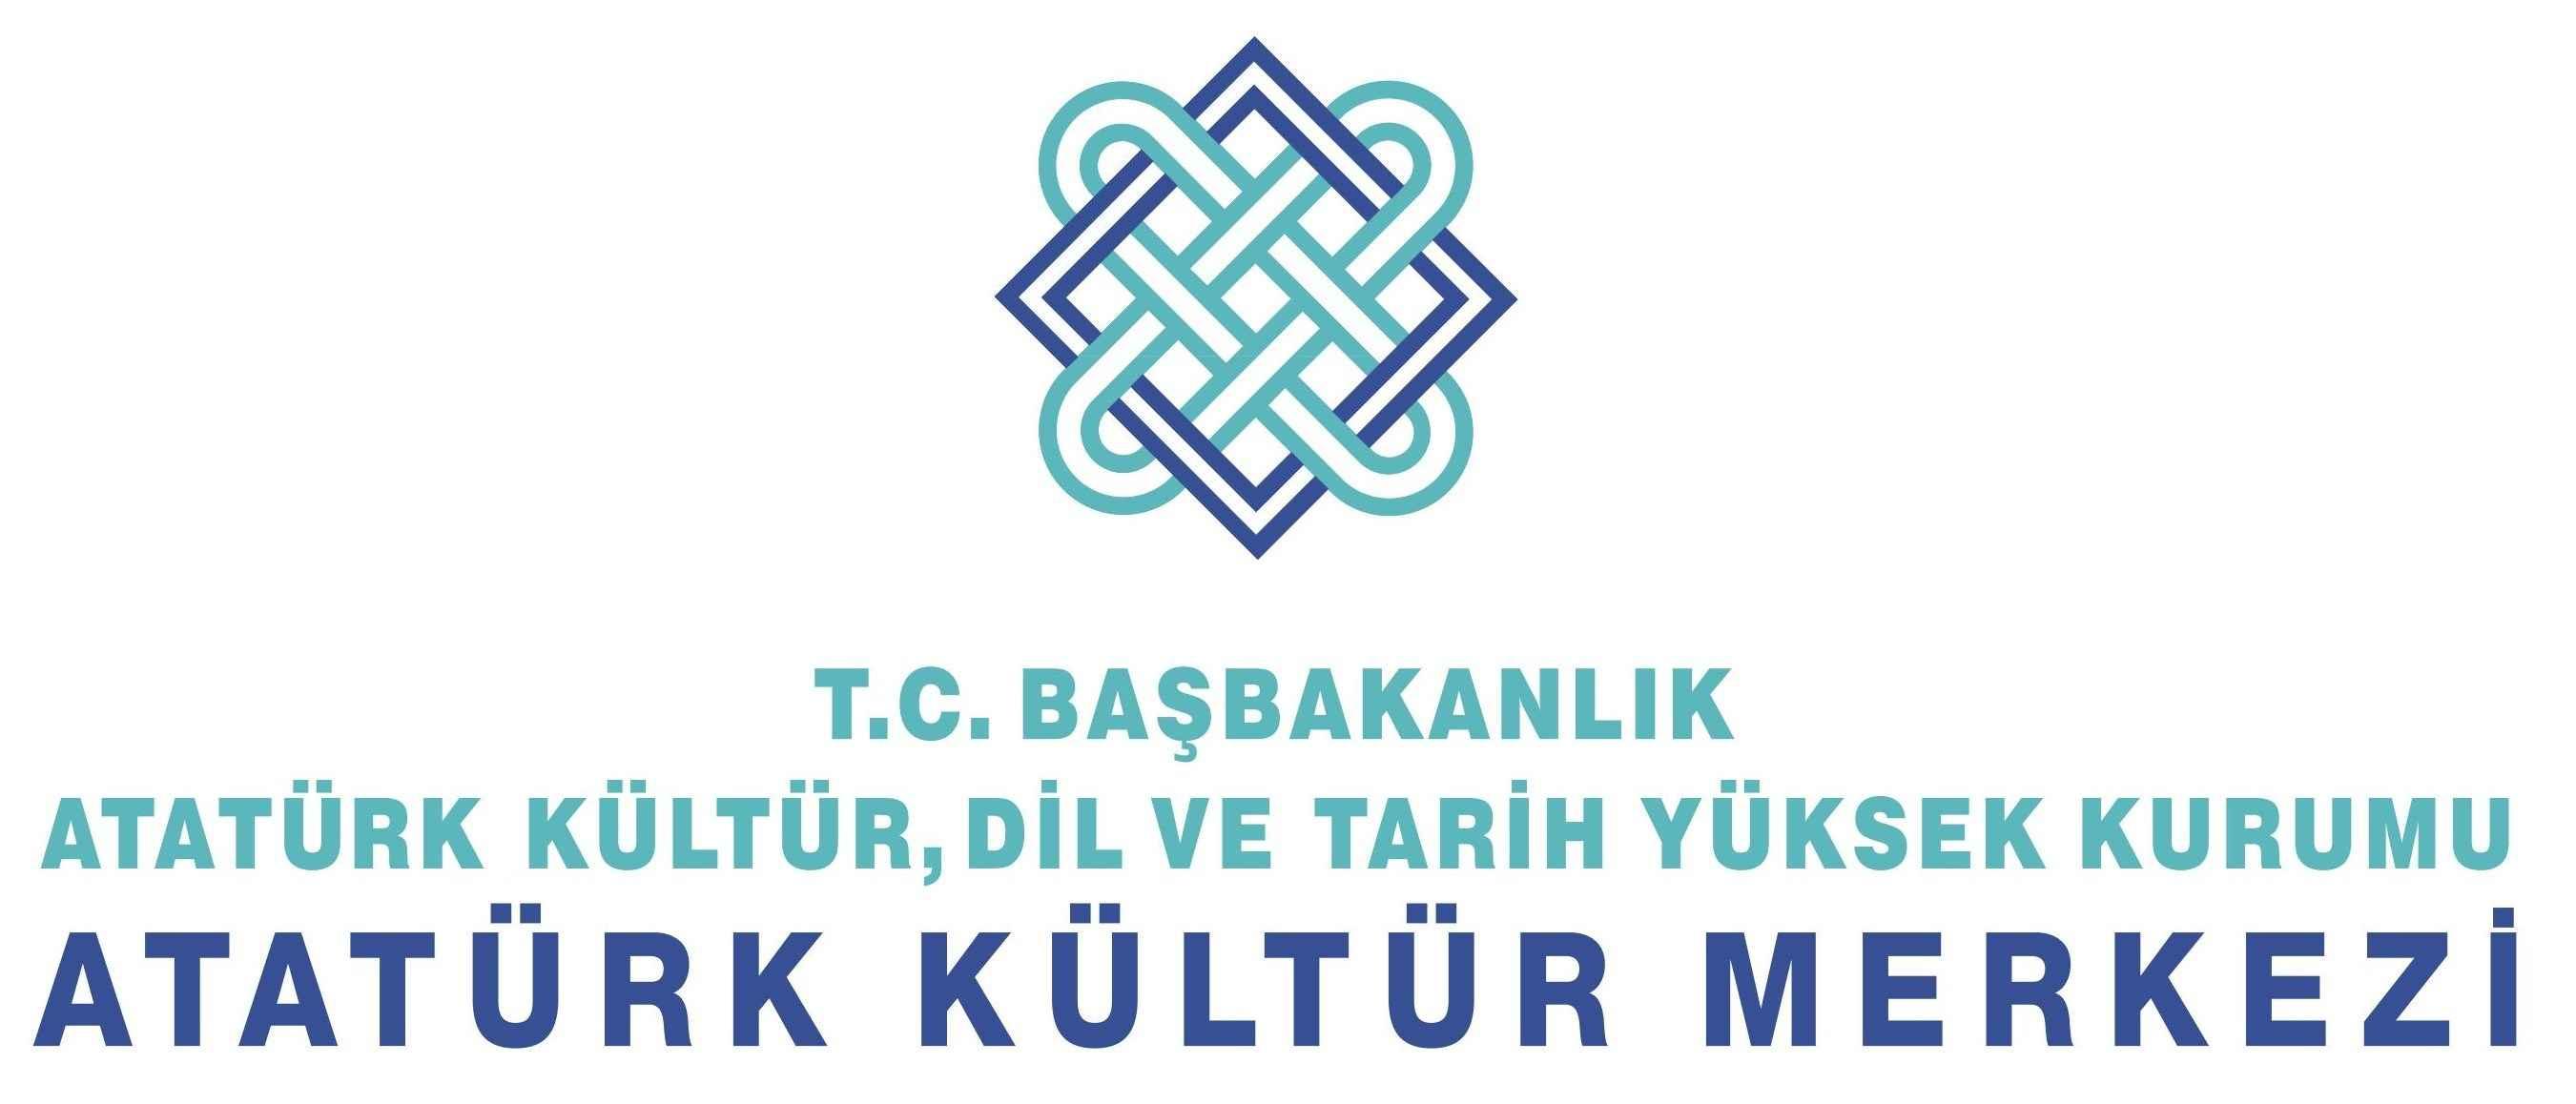 Atatürk Kültür Merkezi Başkanlığı Vektörel Logosu [EPS File] png